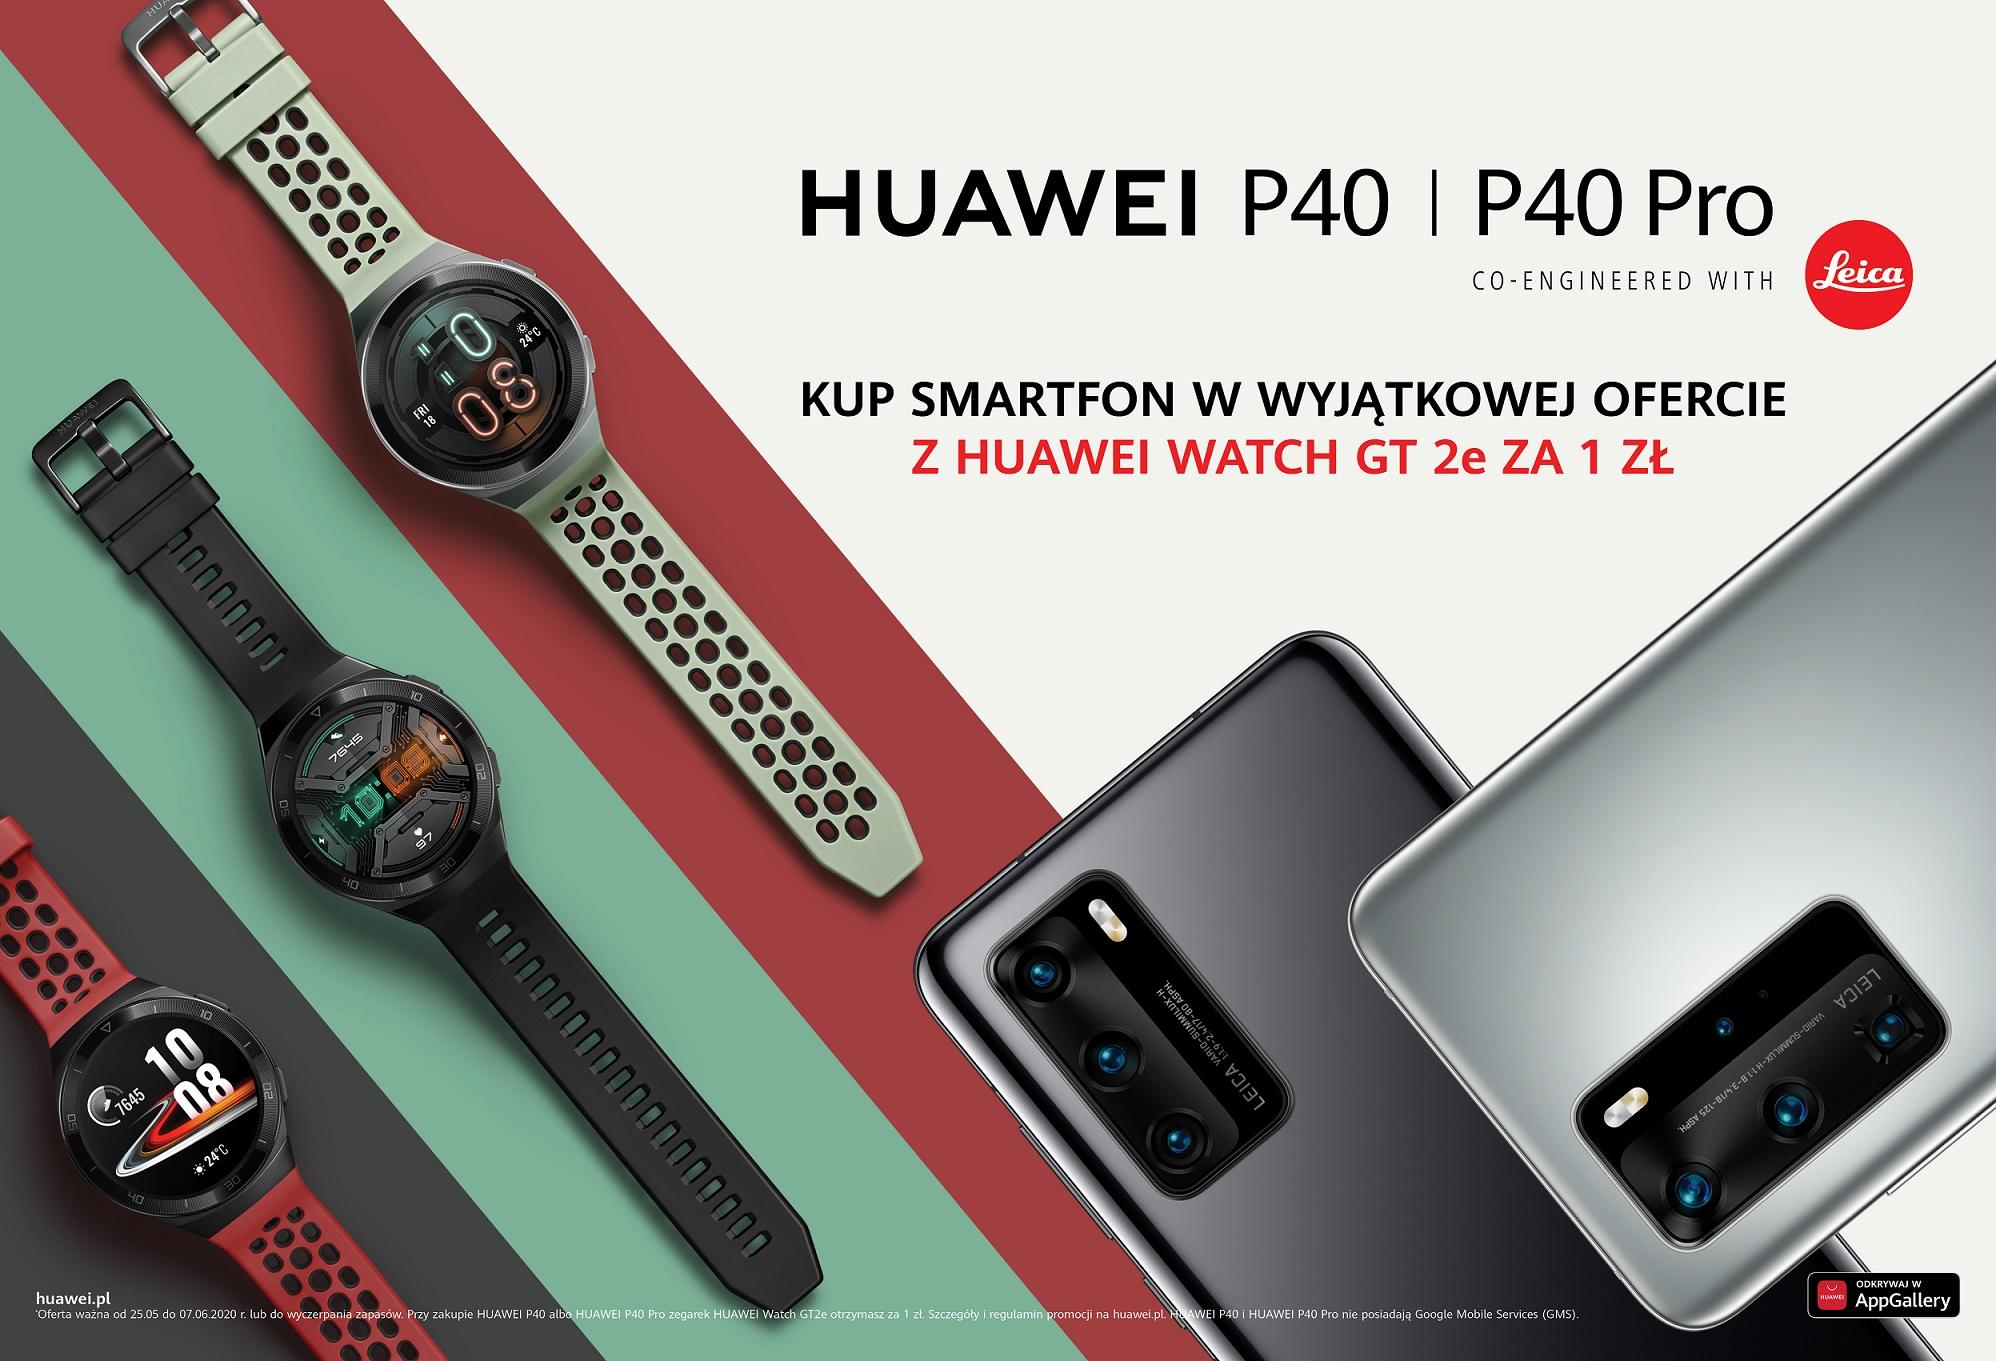 Przy zakupie smartfonów Huawei P40 i P40 Pro, dostaniesz zegarek Watch GT 2e